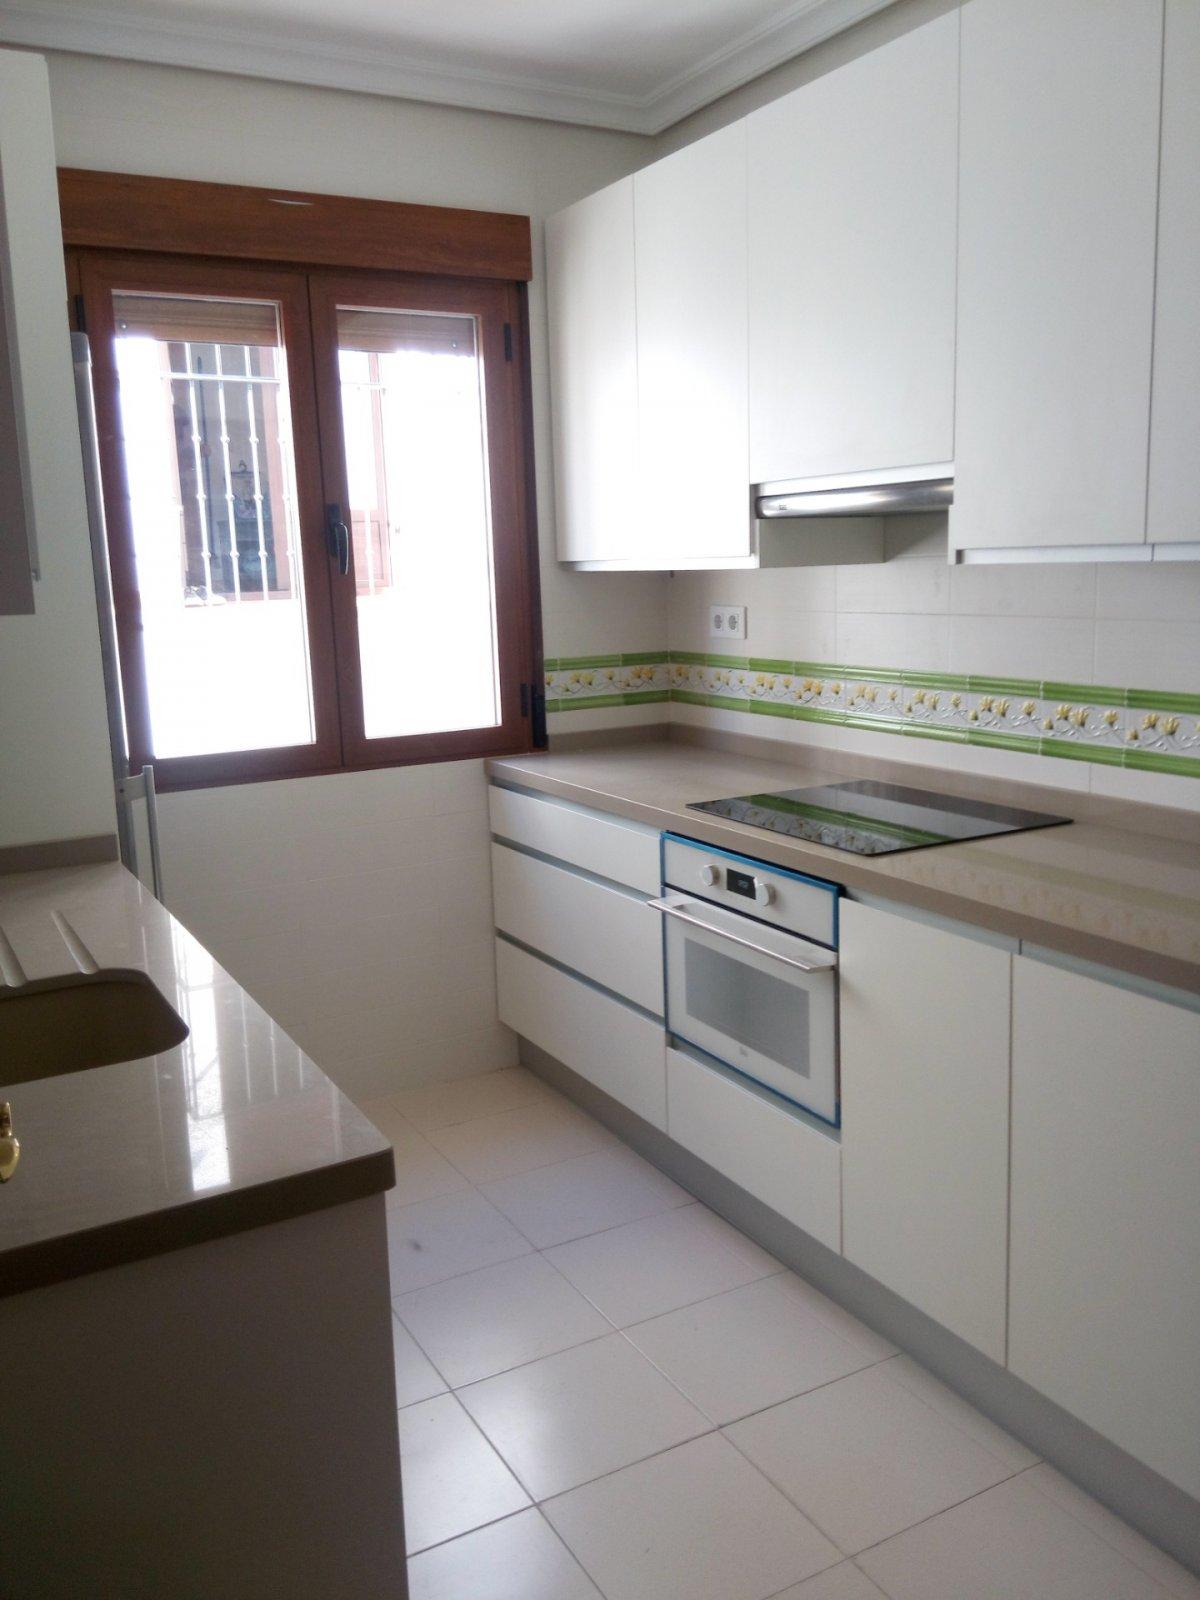 Apartamento en alquiler en Alcantarilla, Jaen